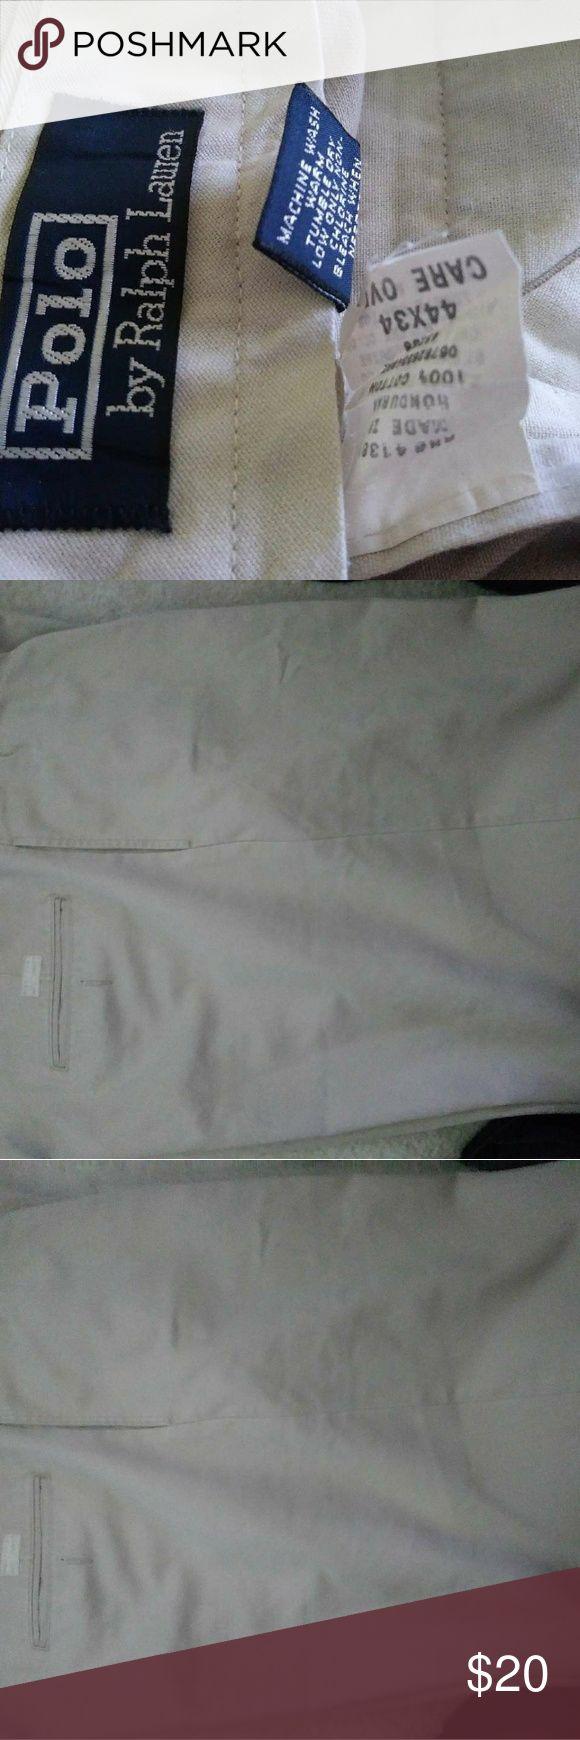 Ralph lauren mens pants$20 sz 44x34 Ralph lauren mens pants$20 sz 44x34 Ralph Lauren Pants Chinos & Khakis